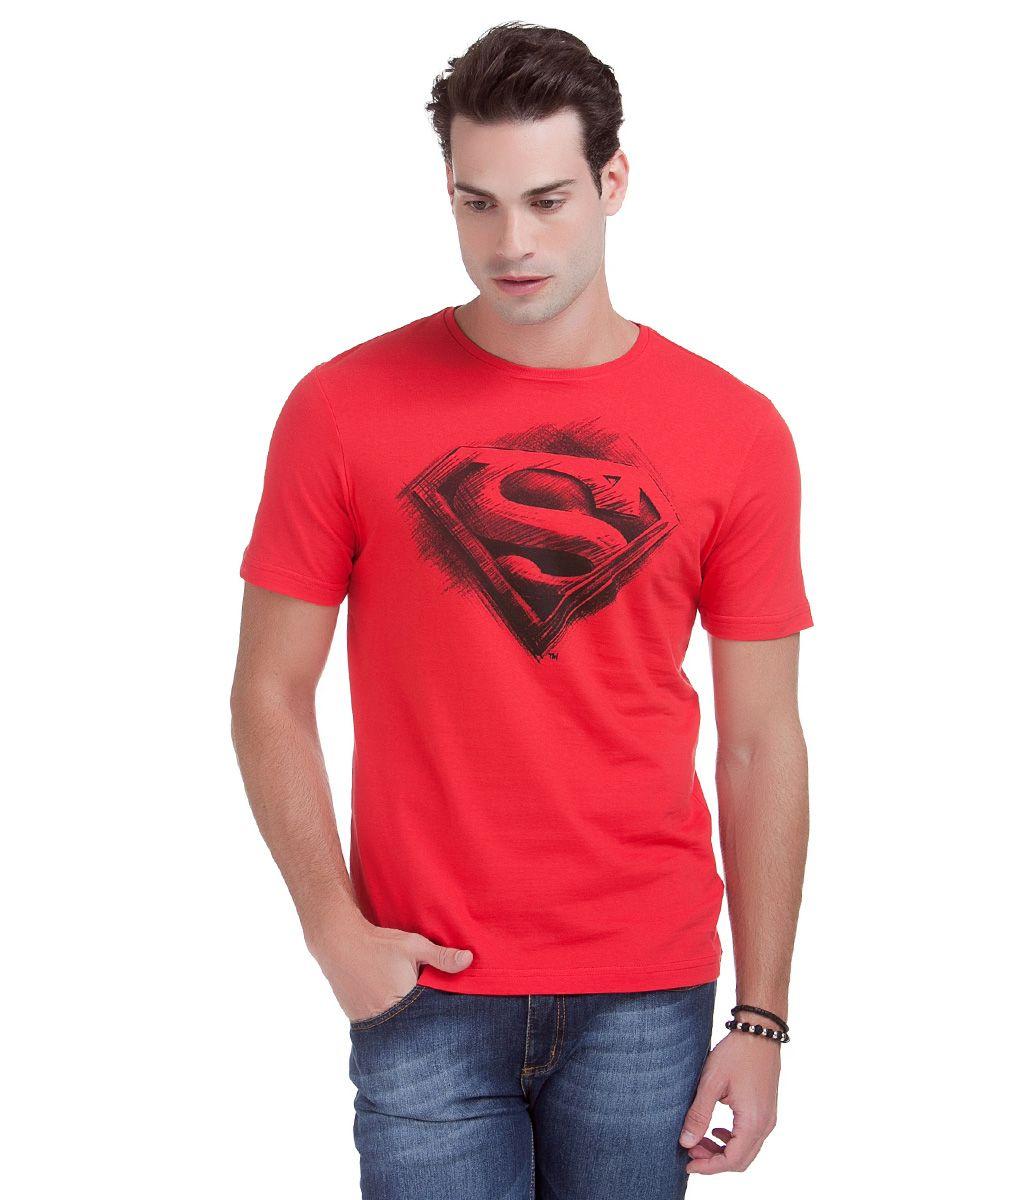 6dd22b01da Camiseta masculina Manga curta Estampa do super herói Superman Marca  Blue  Steel Tecido  Malha Composição  100% algodão Modelo veste tamanho  M COLEÇÃO  ...